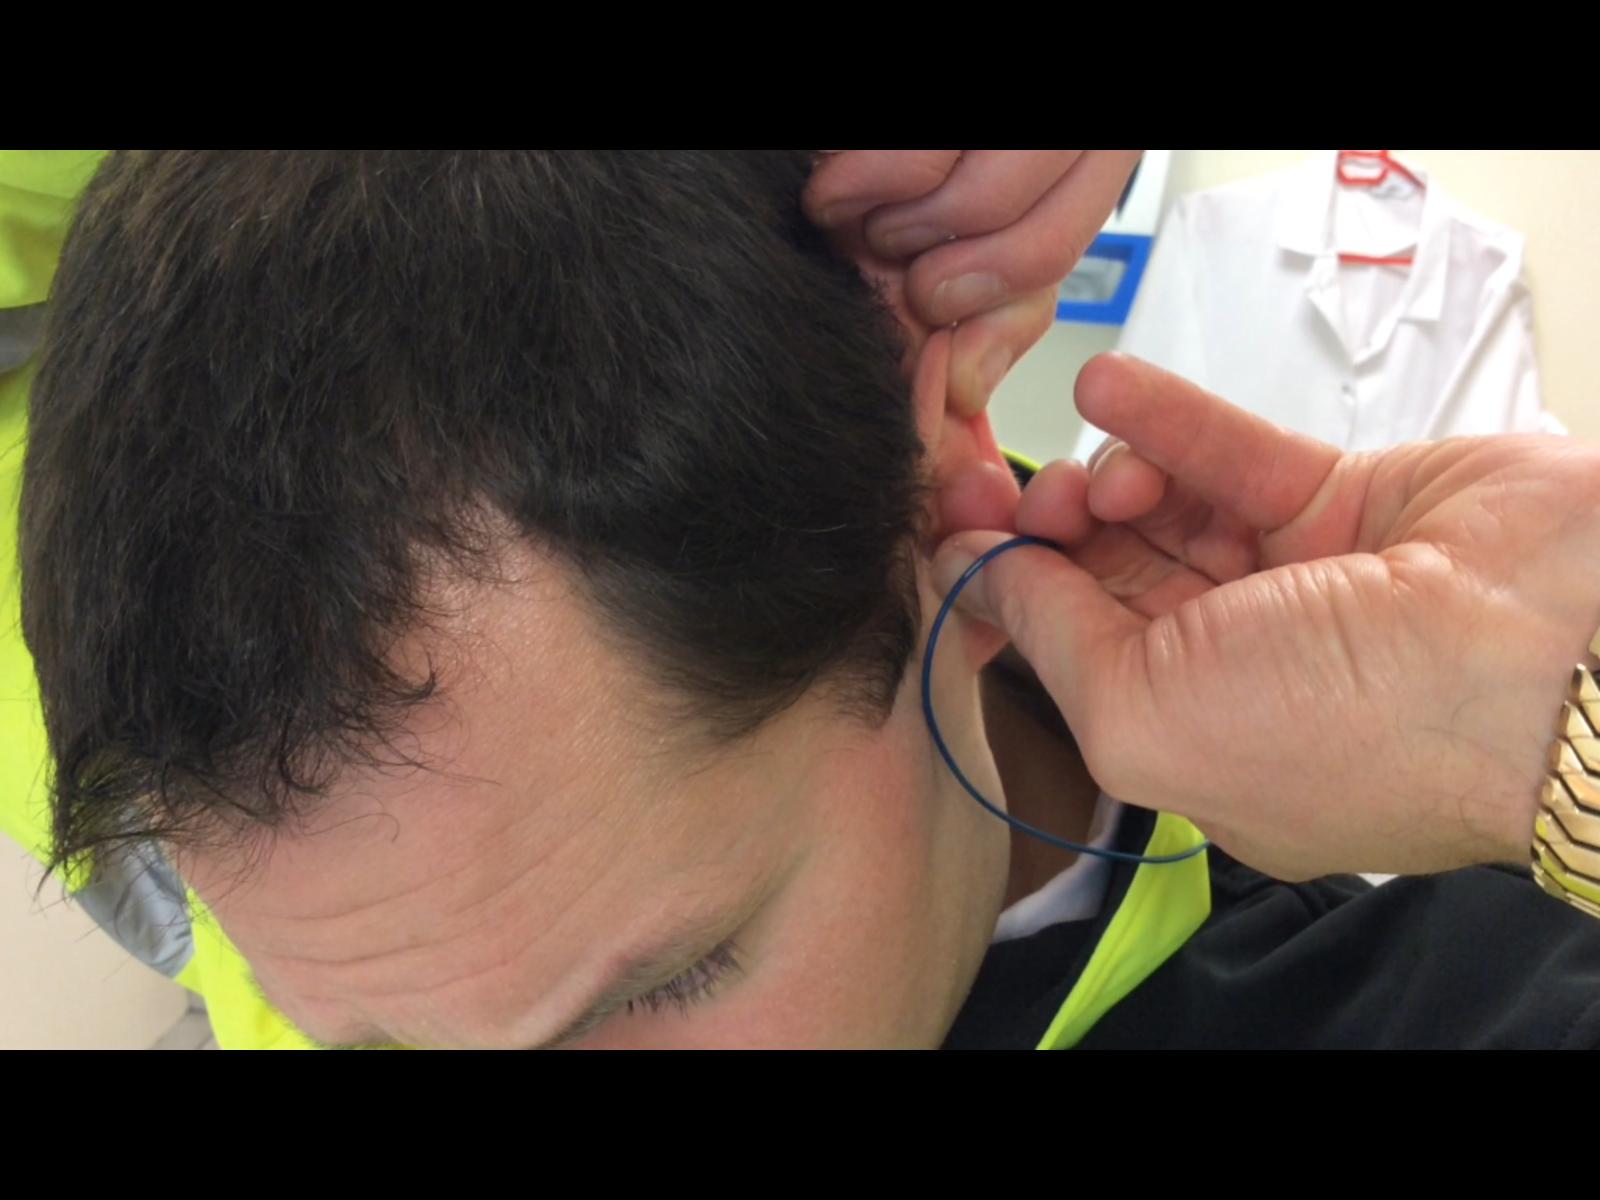 Man adjusting earplug fit